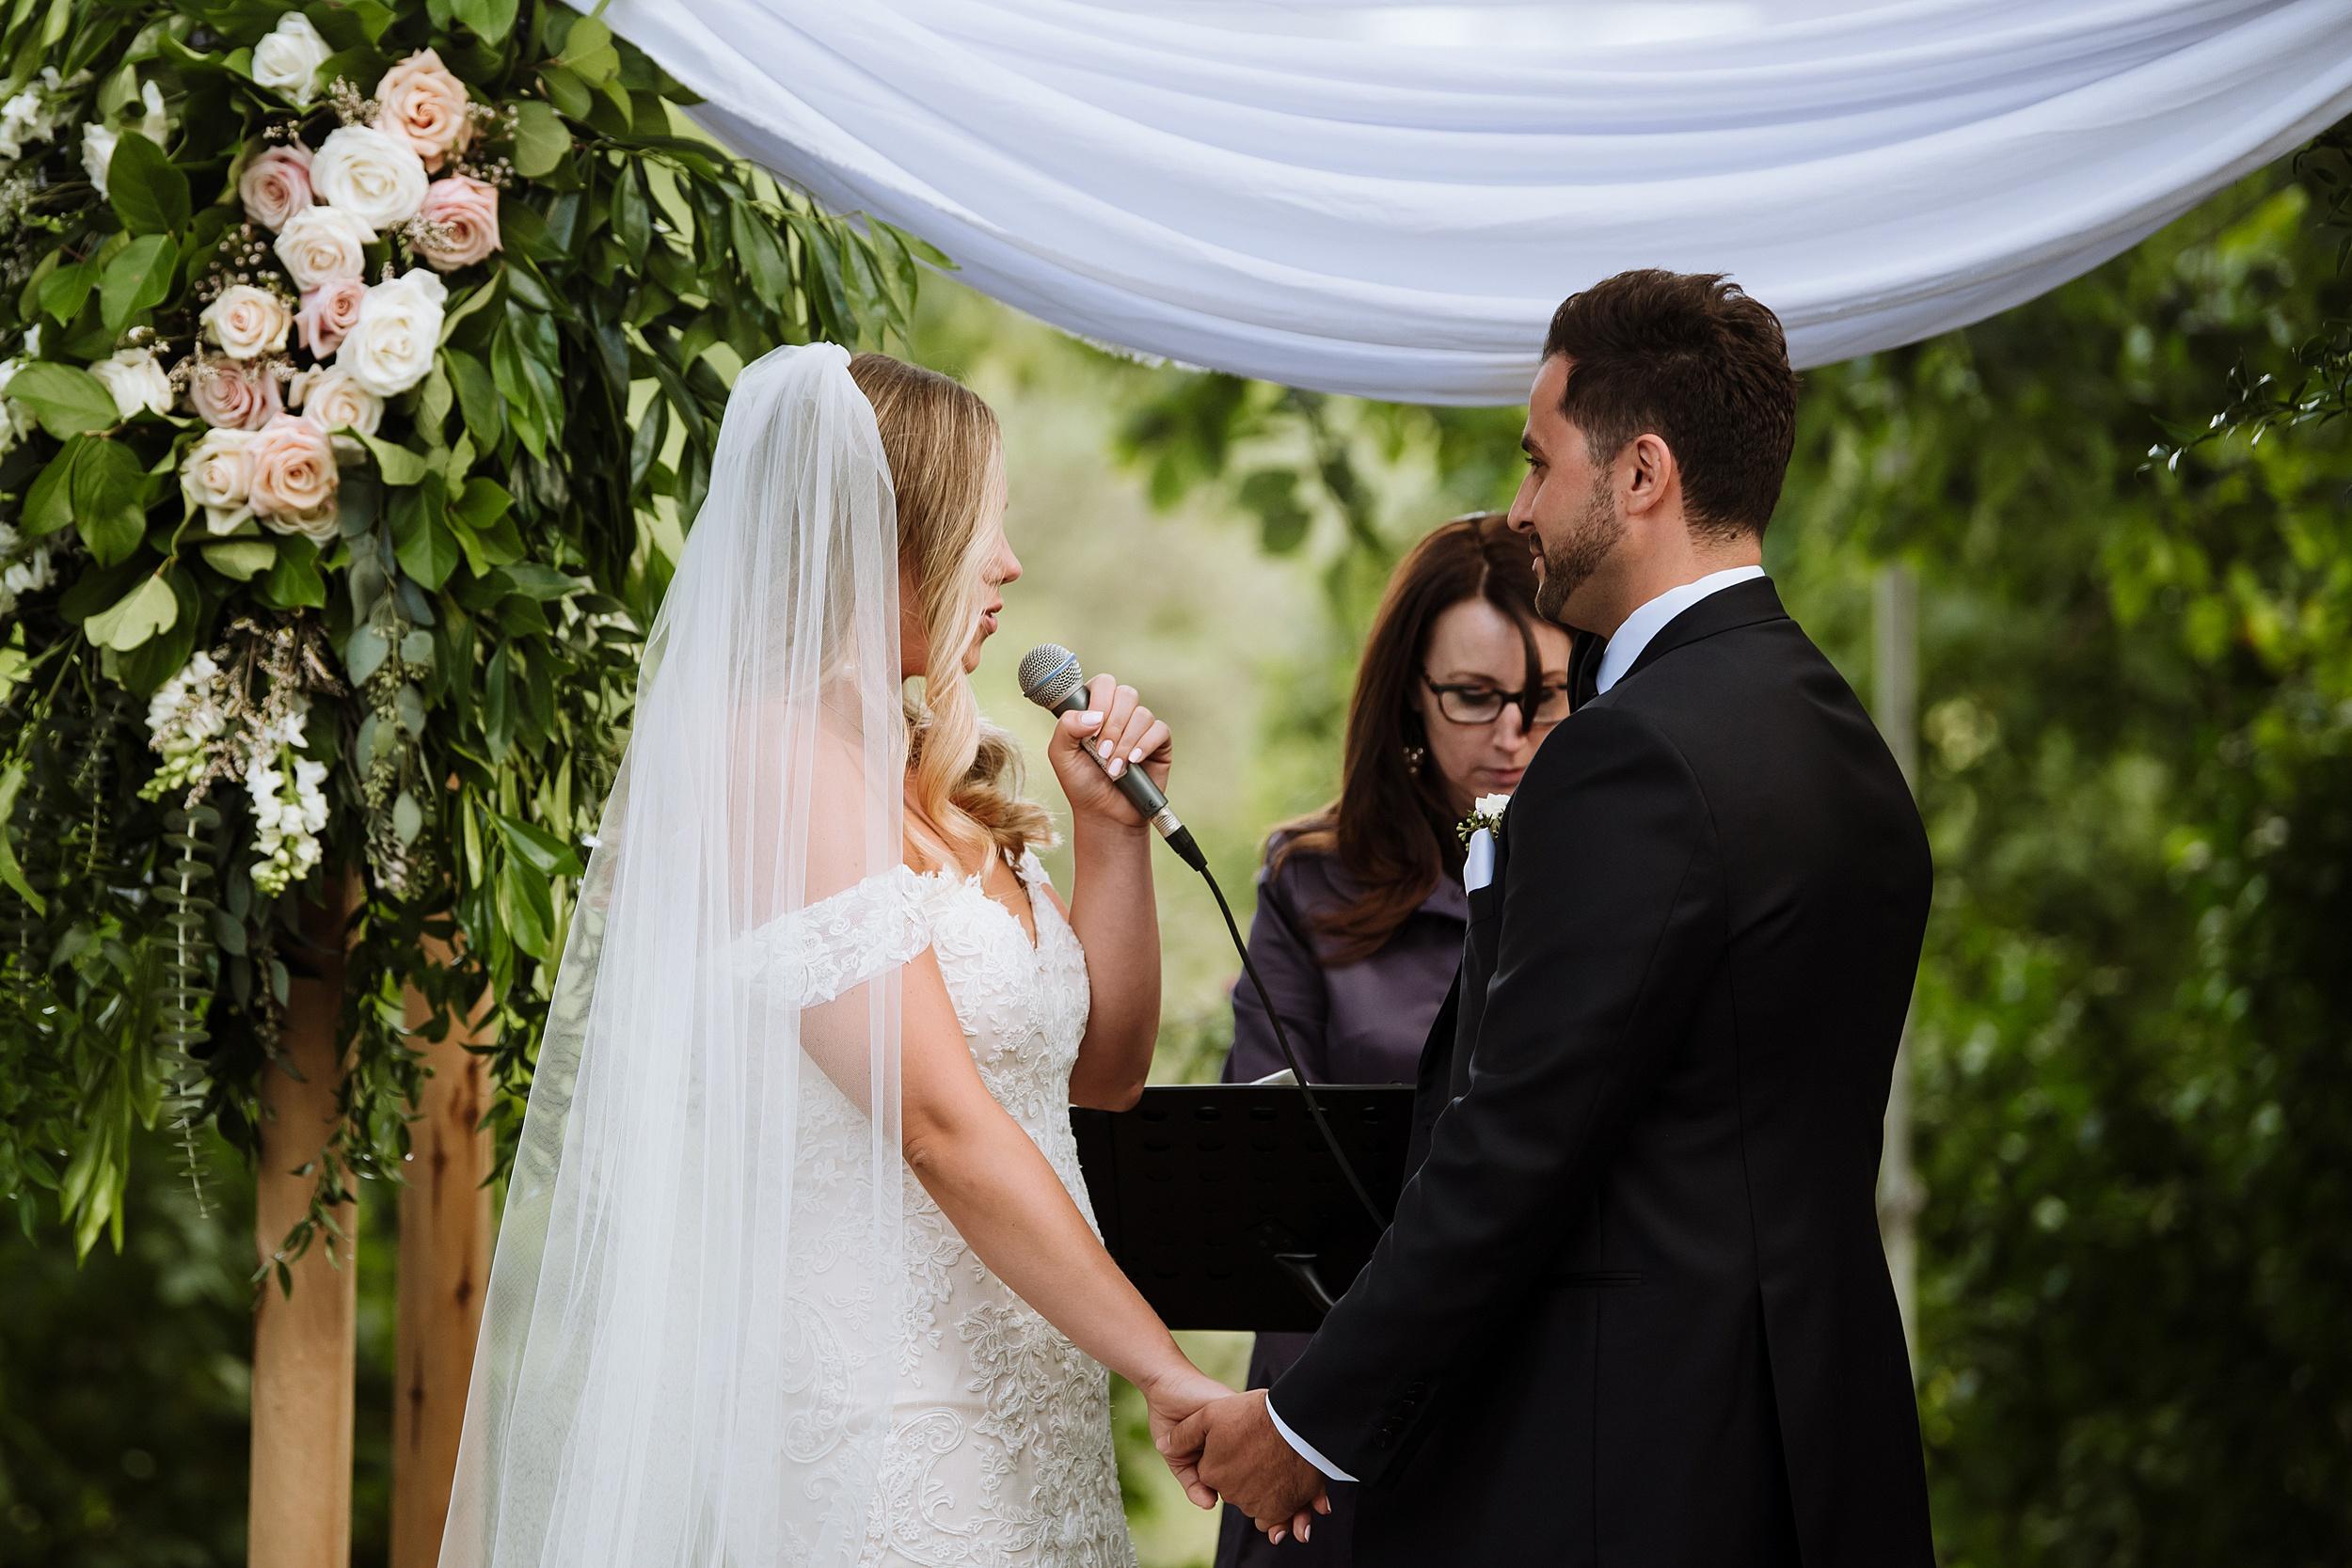 Rustic_Backyard_Wedding_Toronto_Photographer101.jpg